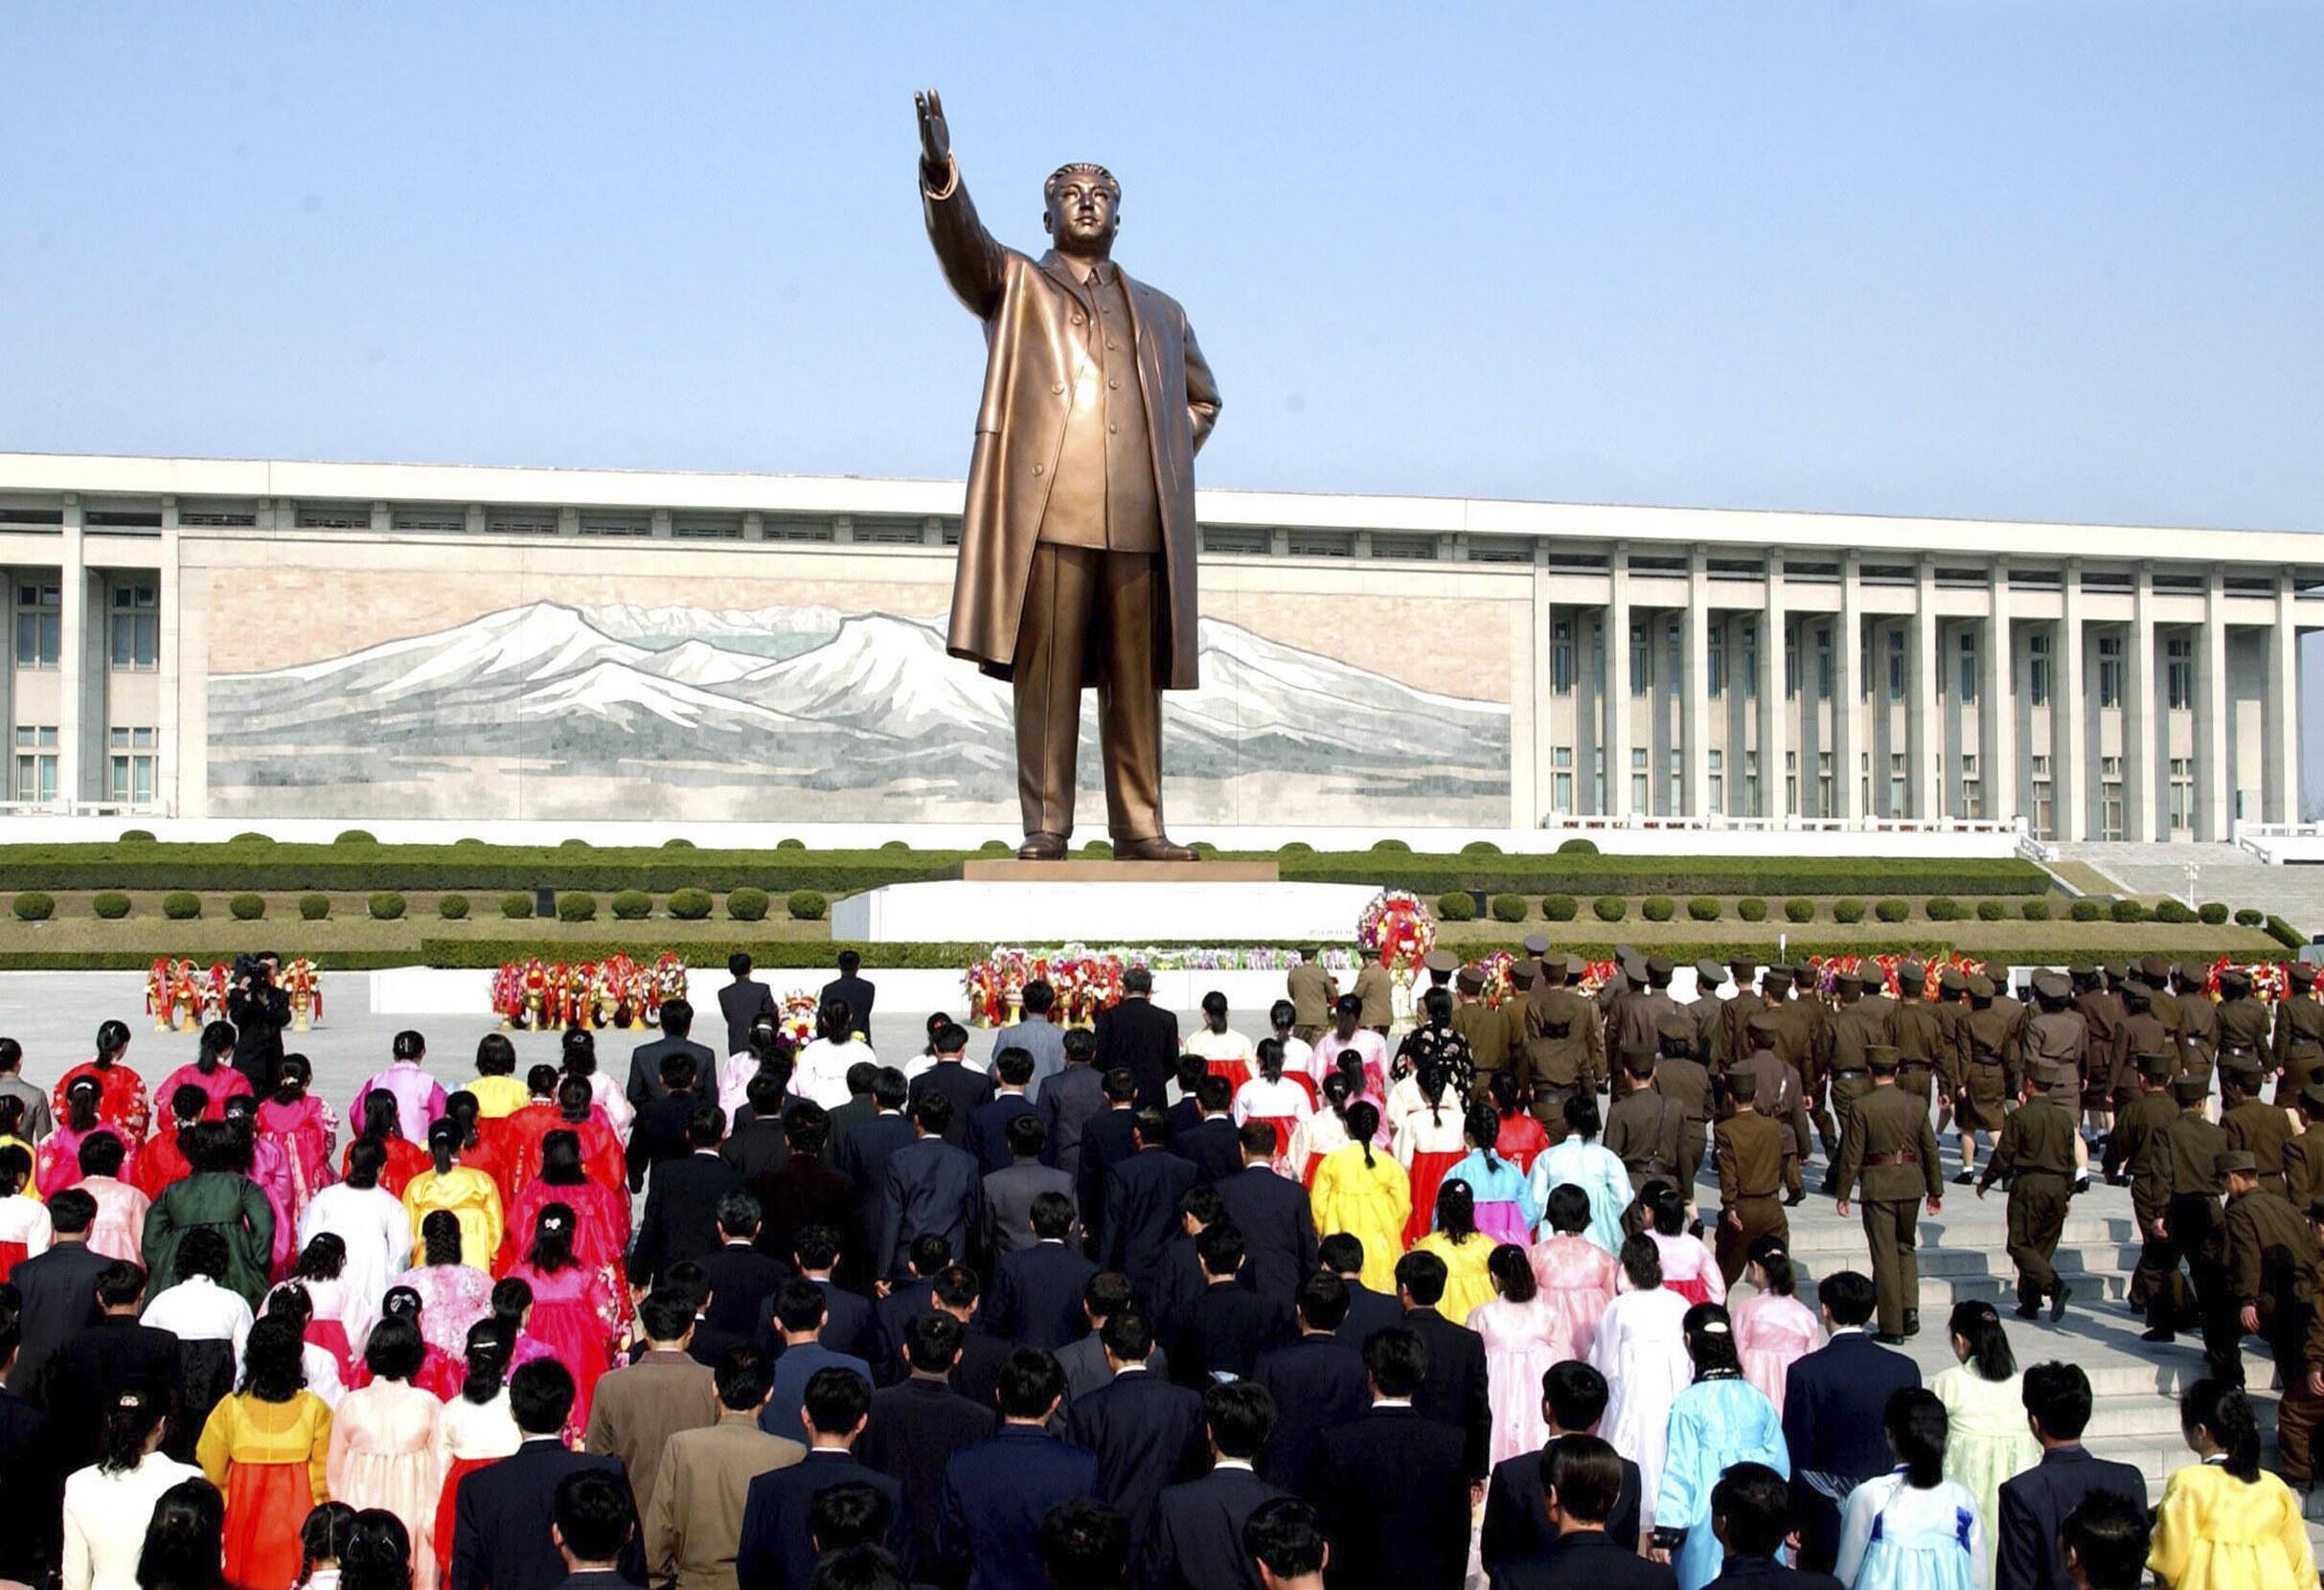 Comme tous les Nord-Coréens, Monica Macias admirait le «grand dirigeant» Kim Il-sung.